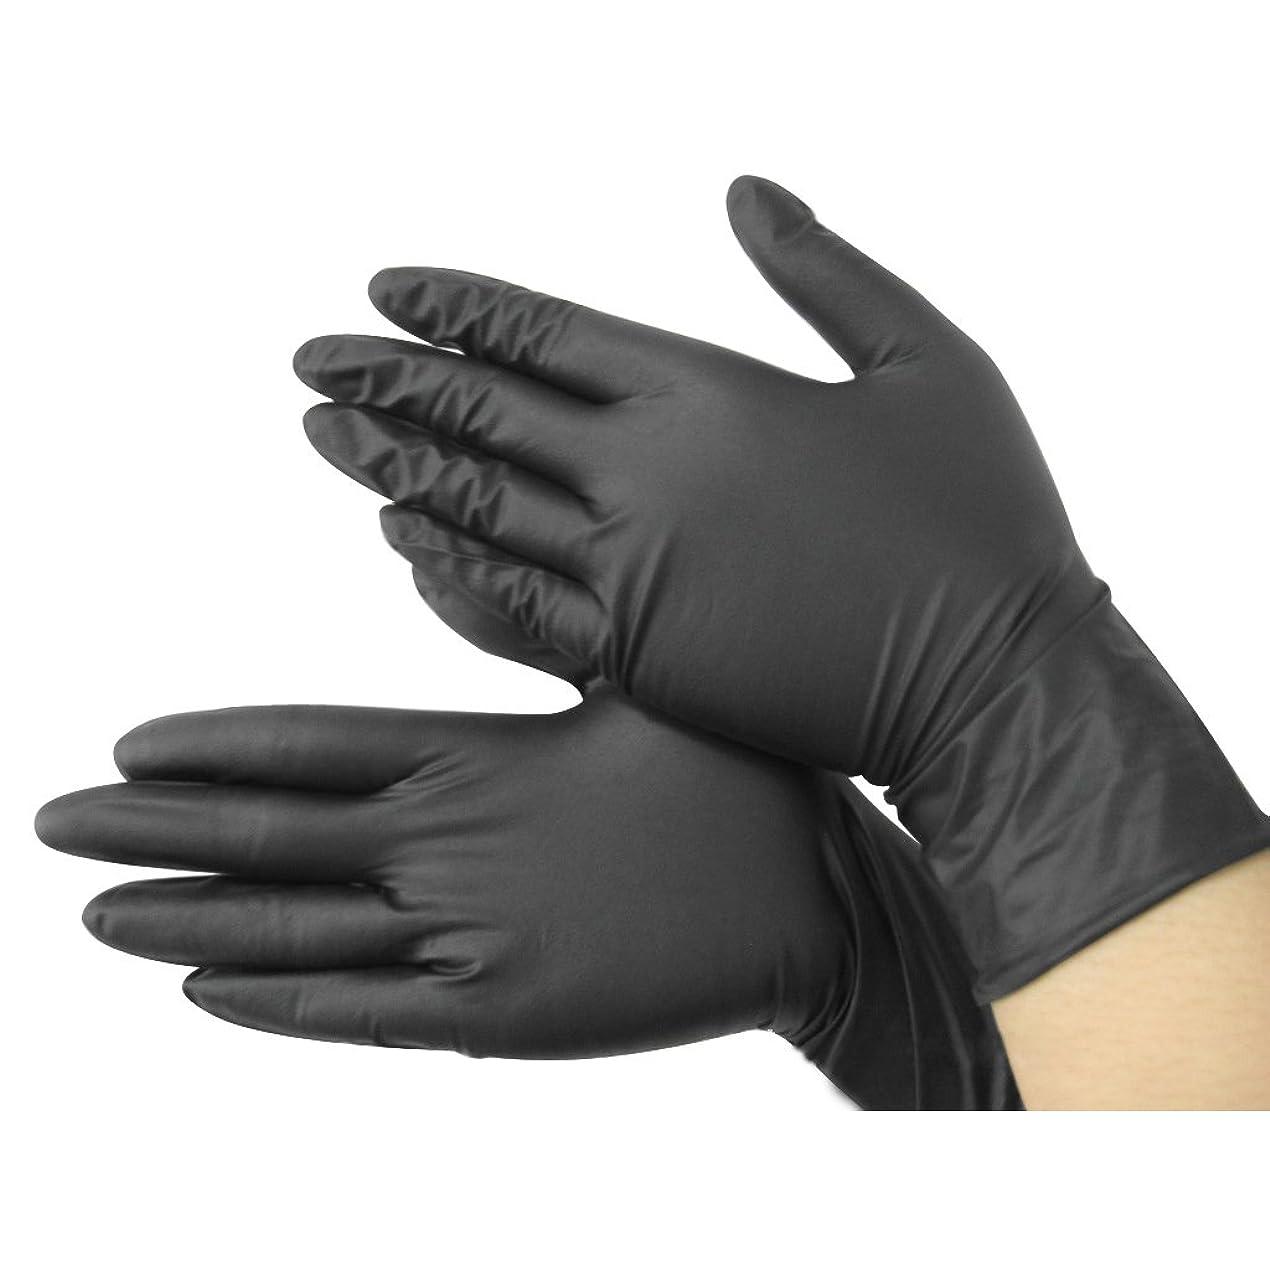 哀れな竜巻トレッドCUHAWUDBA 黒いニトリル使い捨てクール手袋 パワーフリーX100 - 入れ墨 - メカニック 新しい